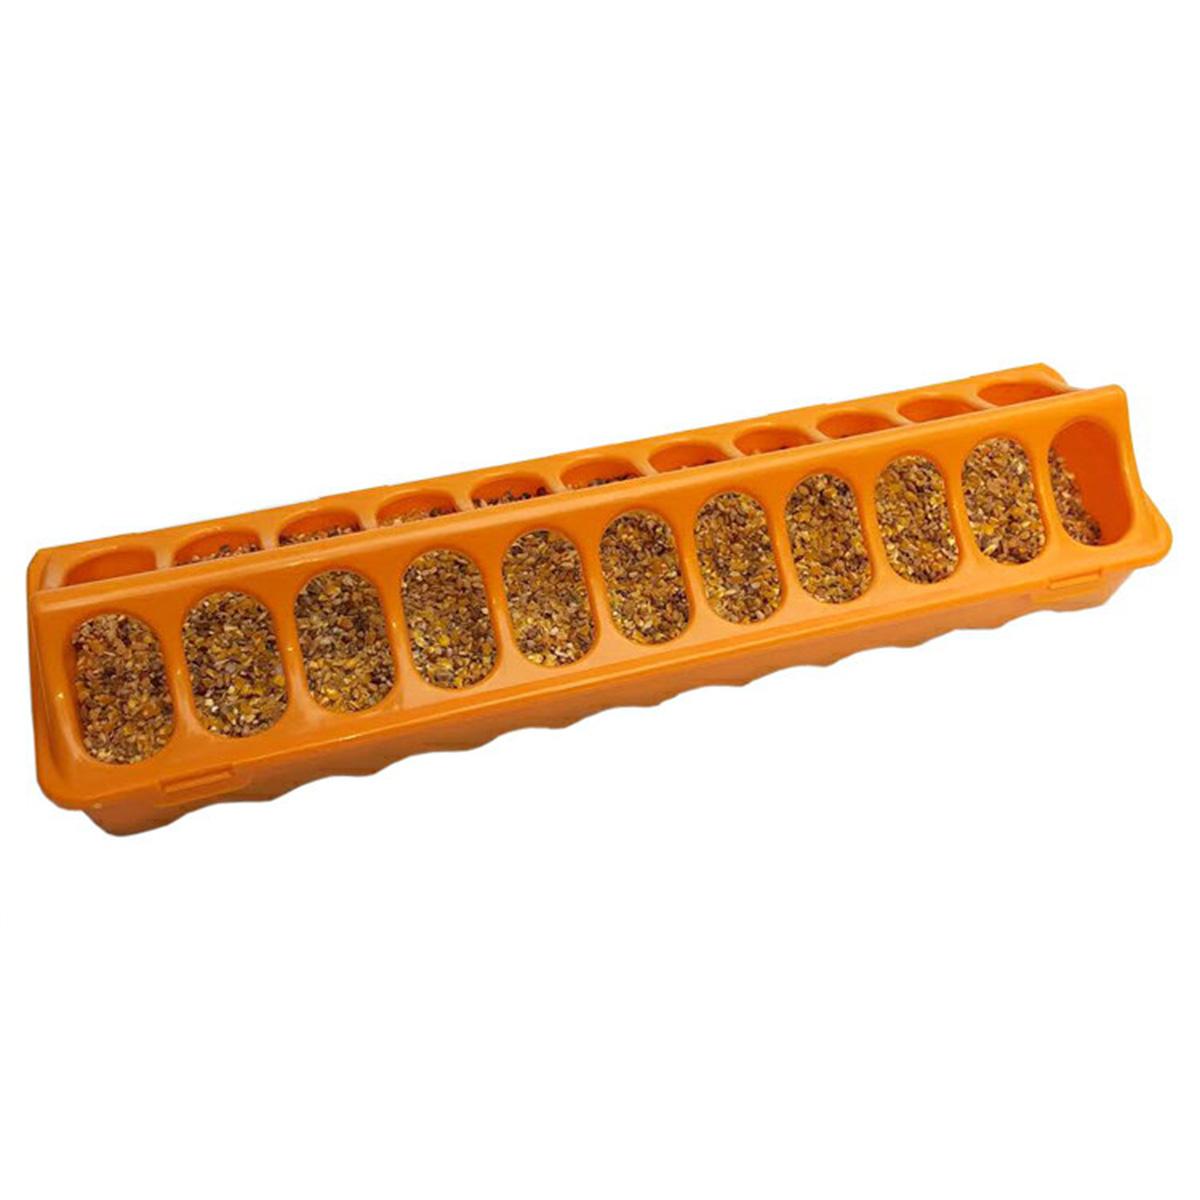 餌が散らかりづらいカバー付き 【給餌器】鳥用 40cm横長給餌器オレンジ【エサ入れ】